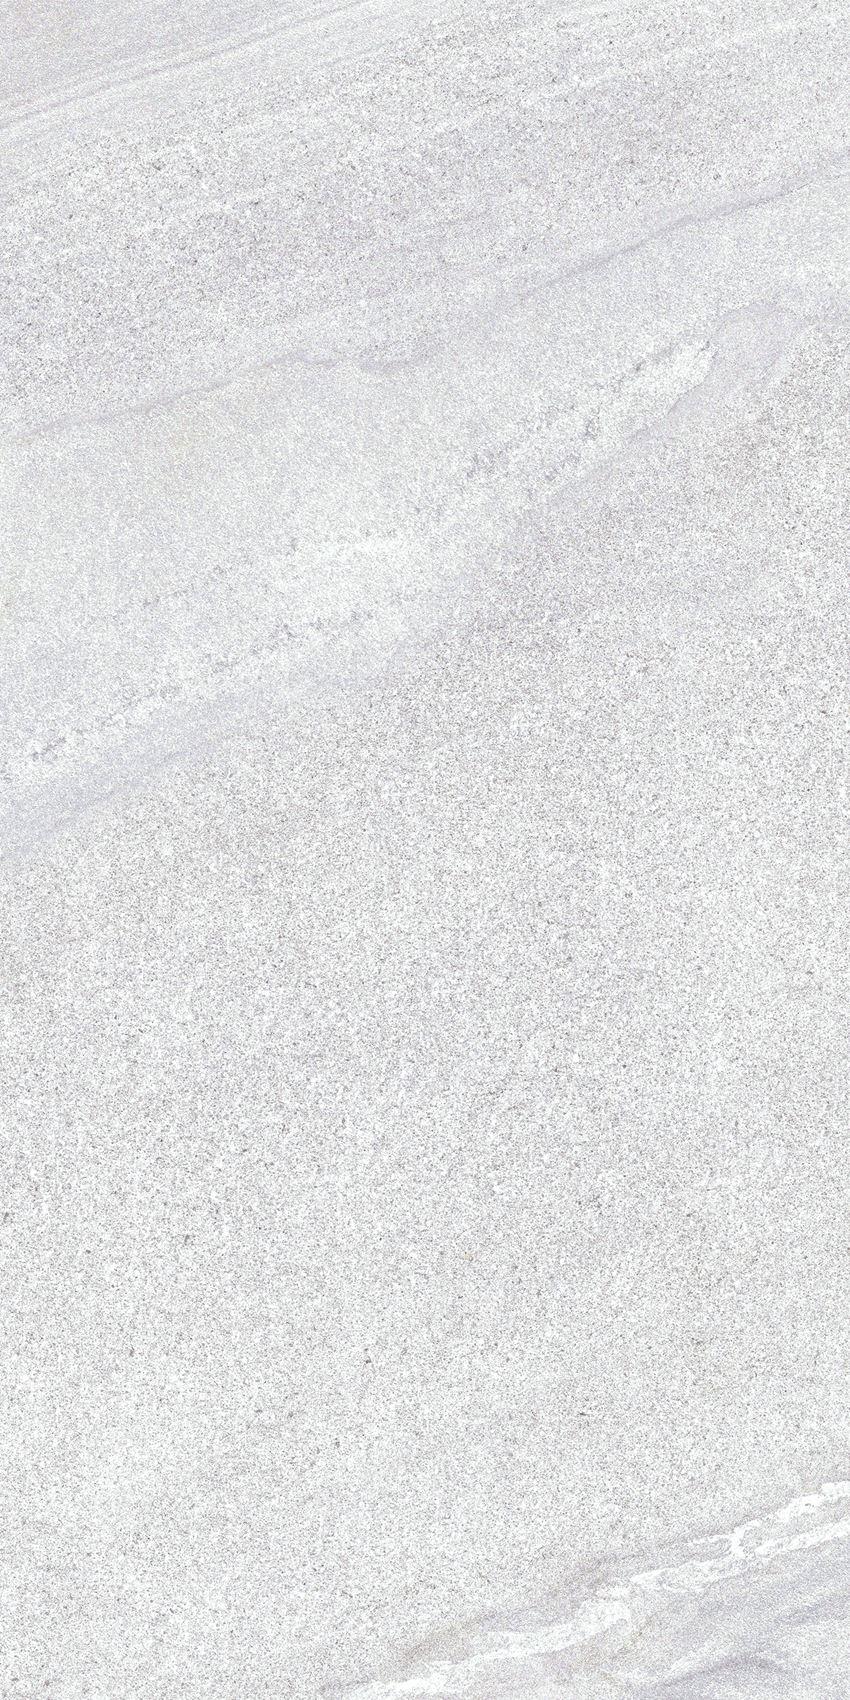 Płytka uniwersalna 59,7x119,7 cm Nowa Gala Stonehenge SH 10